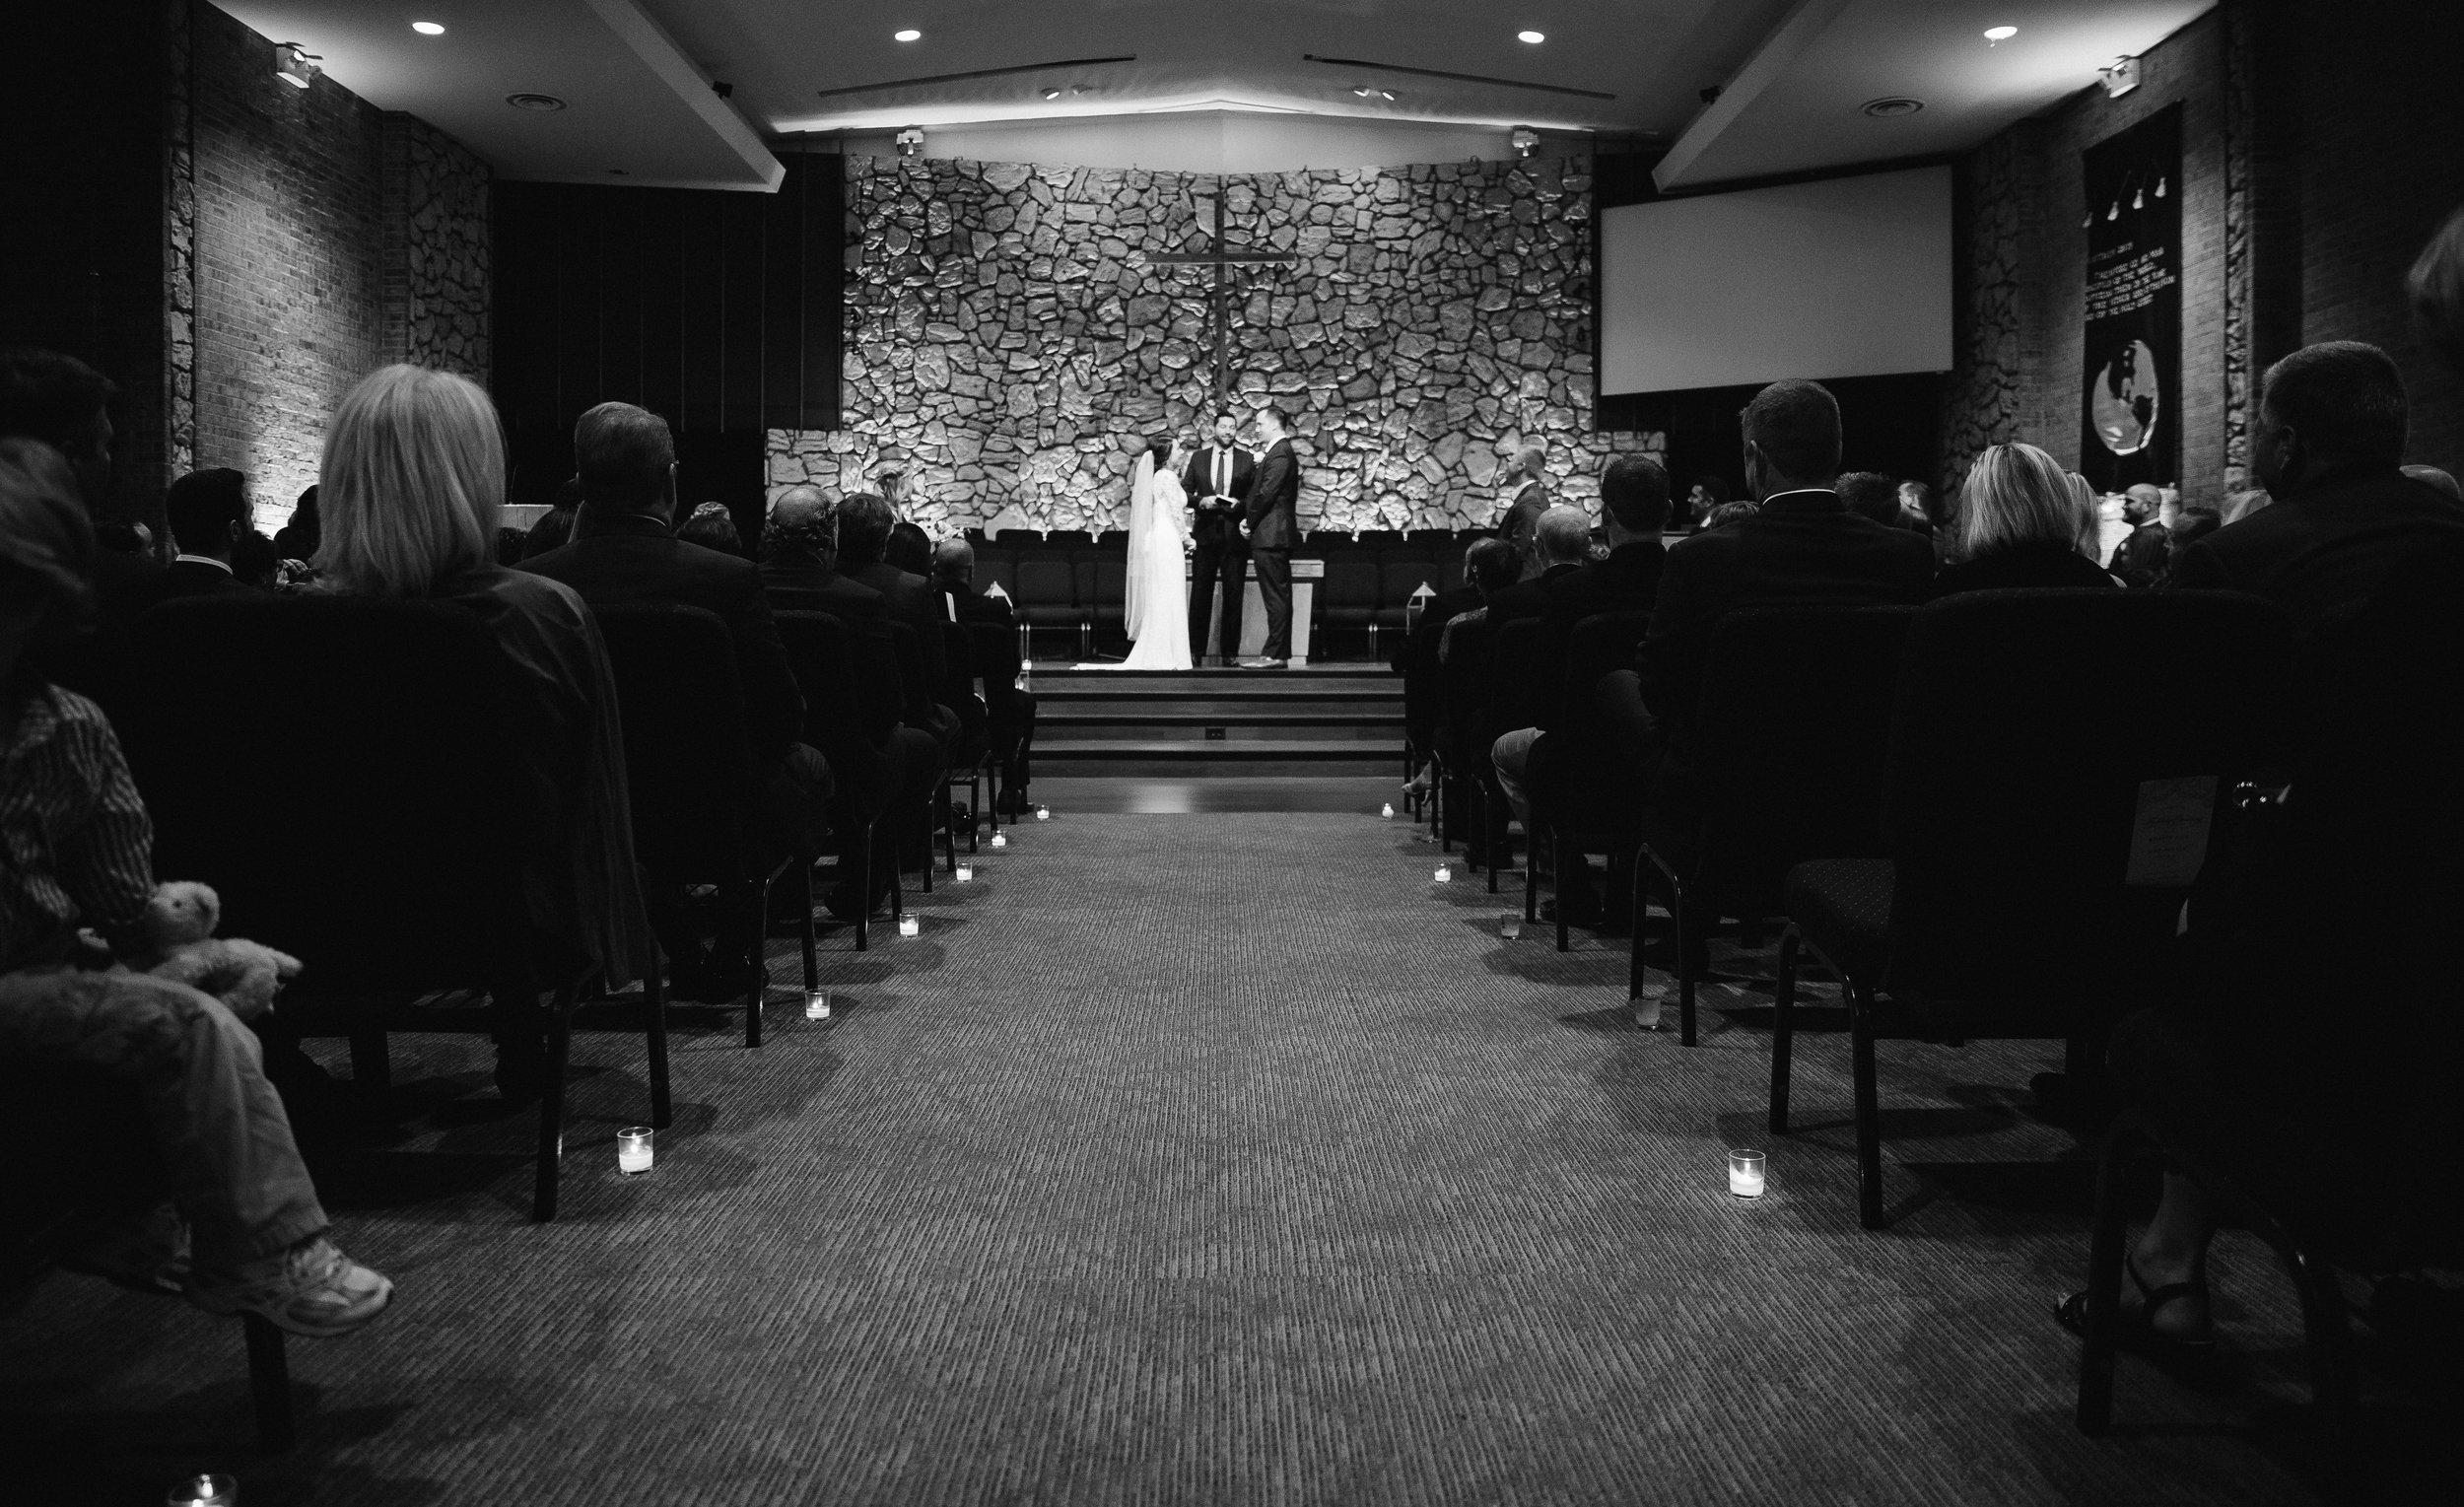 KateAlexWedding+Ceremony-0087.jpg